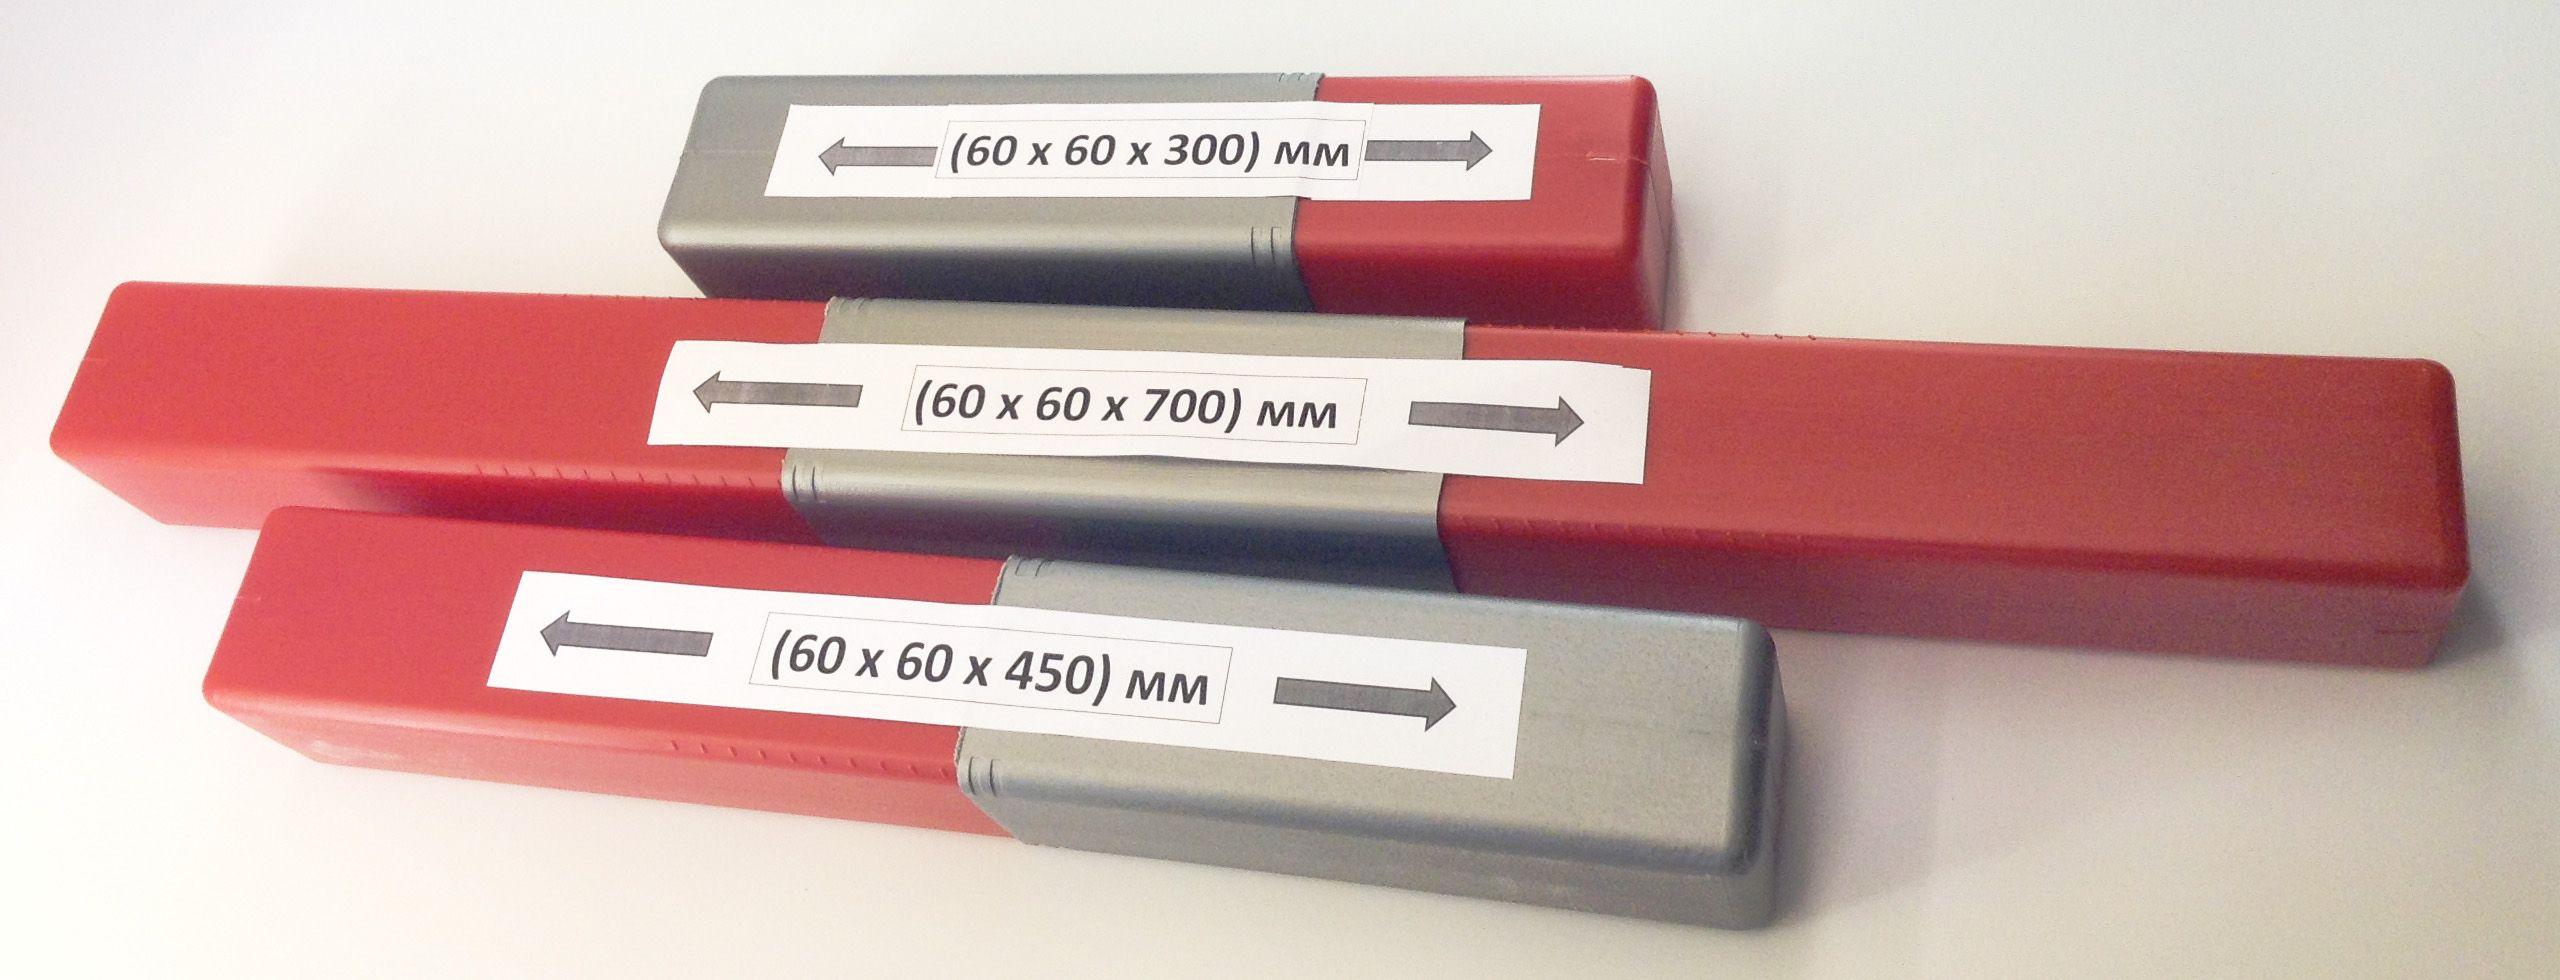 Двух- и трехсекционный пенал для упаковки деталей, изделий